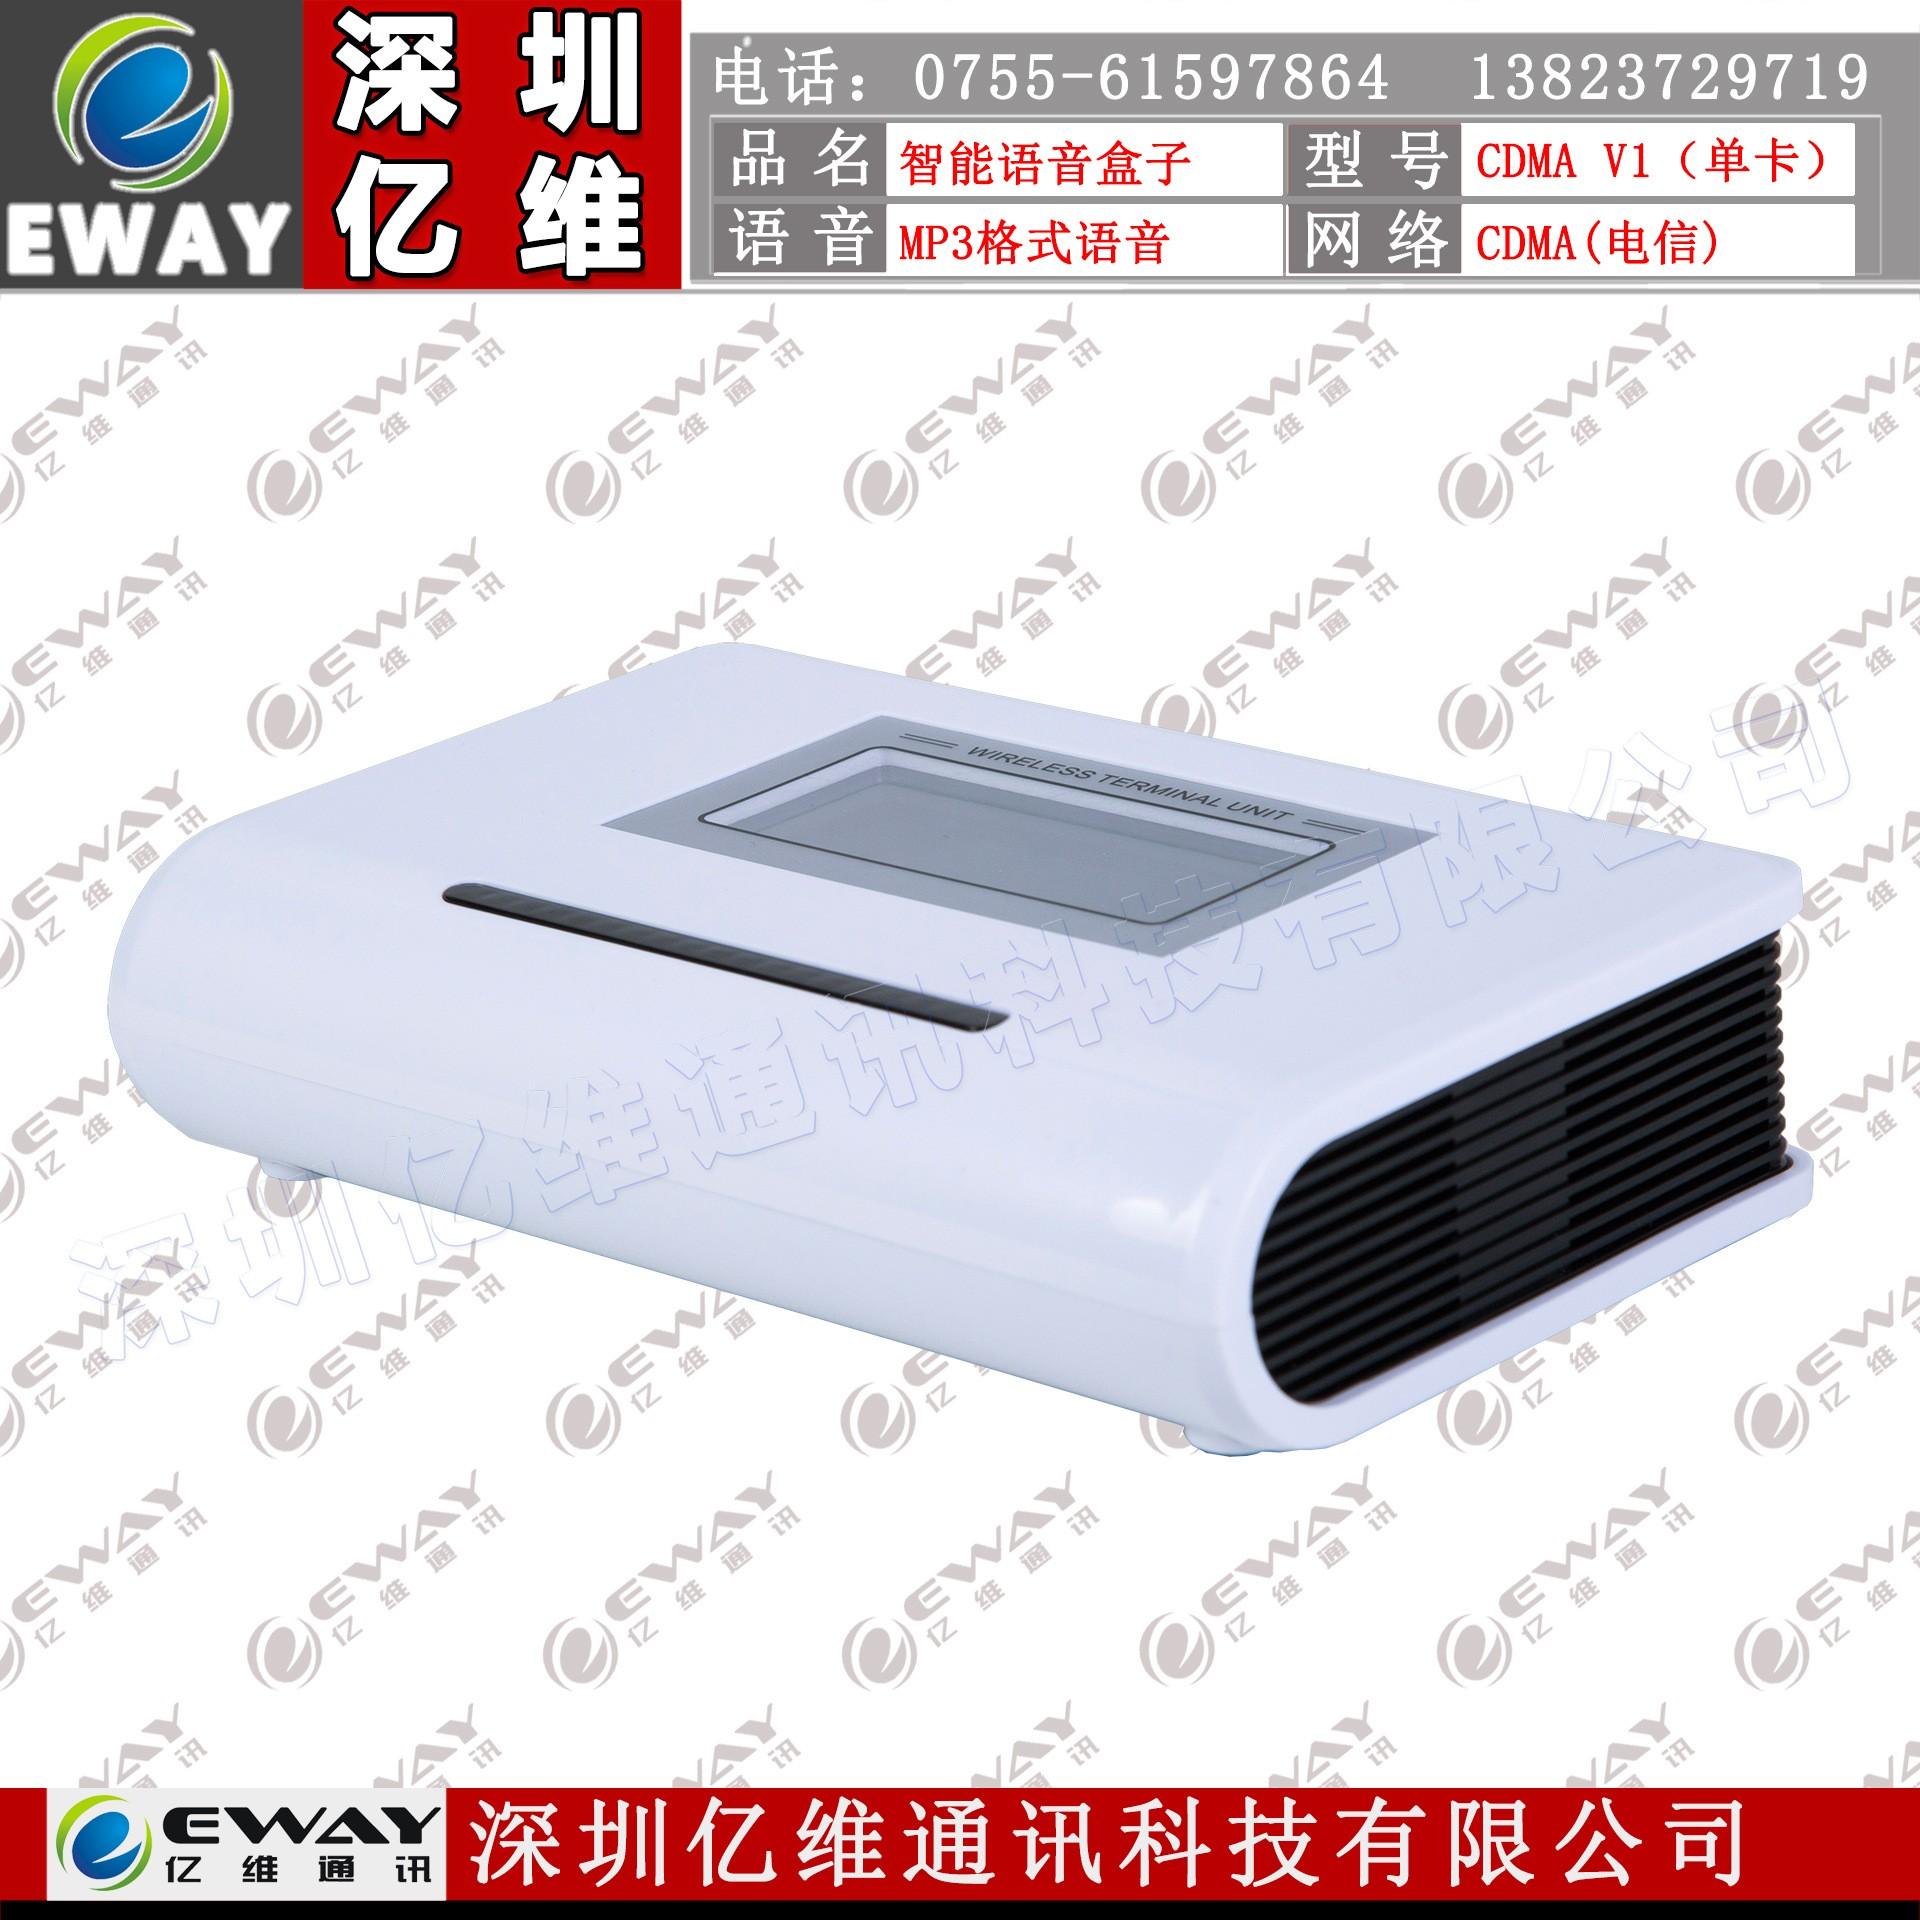 V1单卡语音电话 亿维/EWAY CDMA